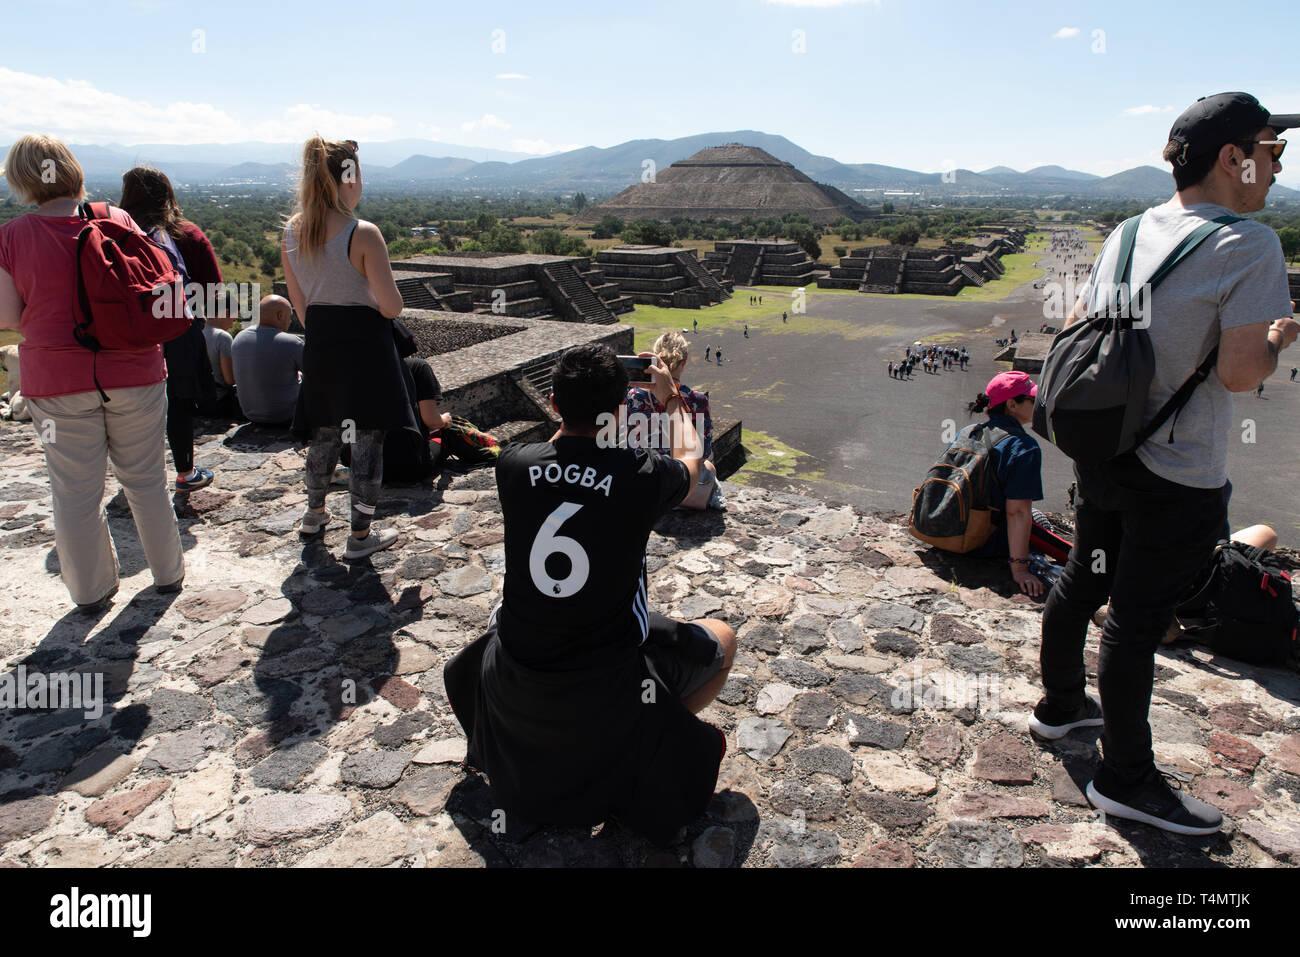 Touristen gehen auf der Mondpyramide in Teotihuacan. / I turisti andando su e giù per la Piramide della Luna a Teotihuacan, un sito UNESCO dal 1987. Immagini Stock